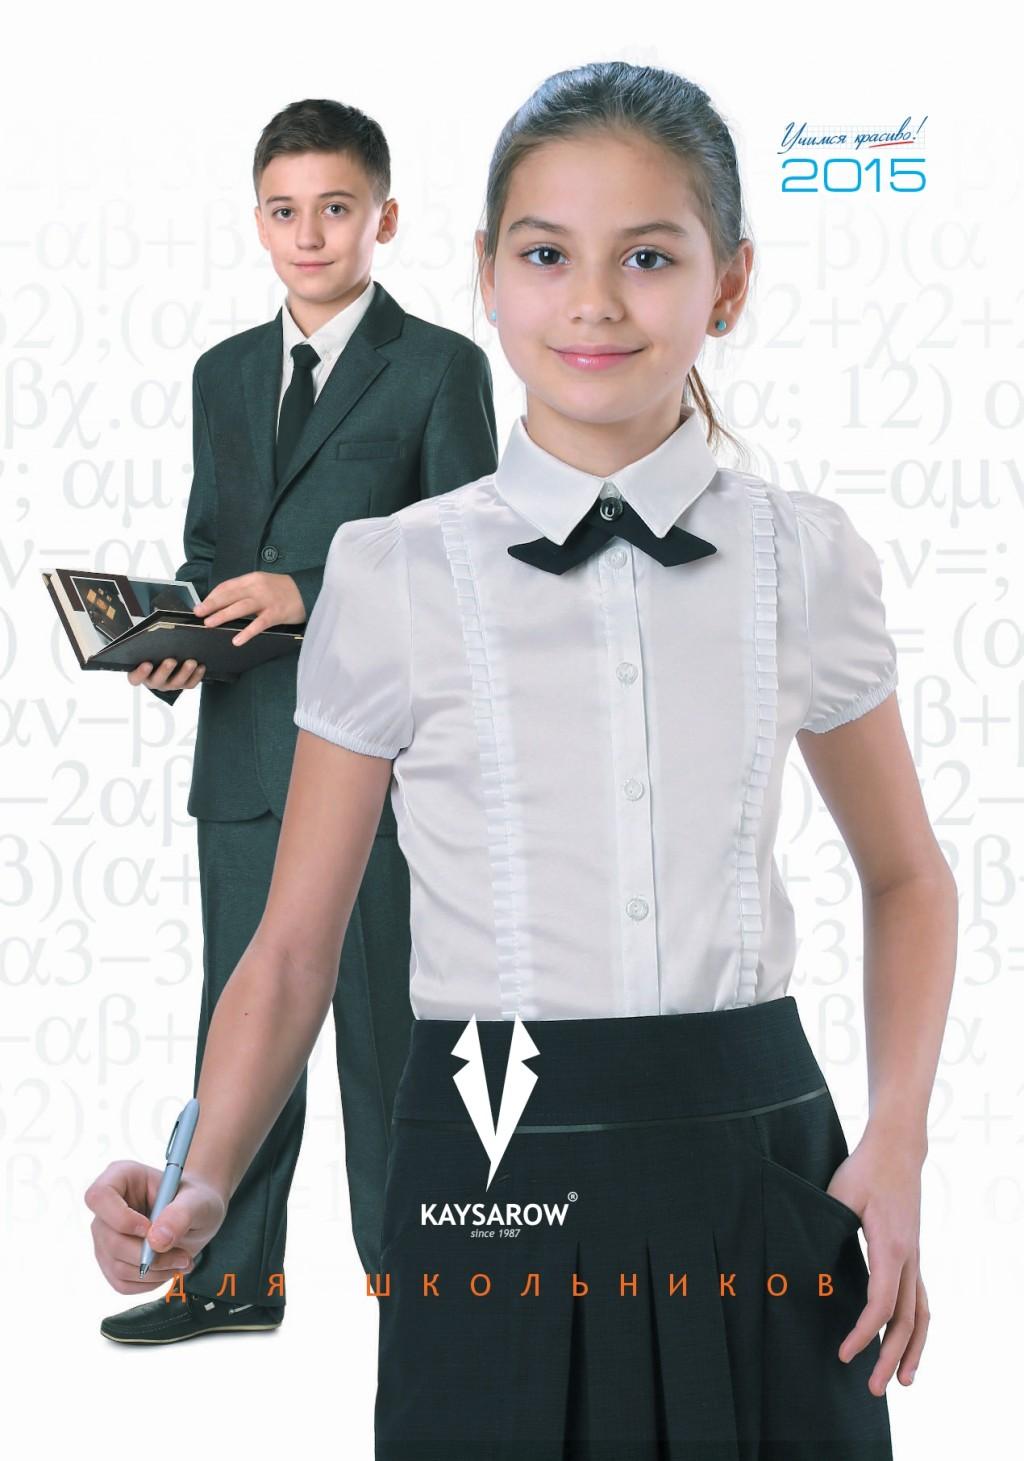 Сбор заказов. Современная, модная детская одежда Овас-19, а также спортивные костюмы, джинсы. Весна 2015г. Зима 2016г